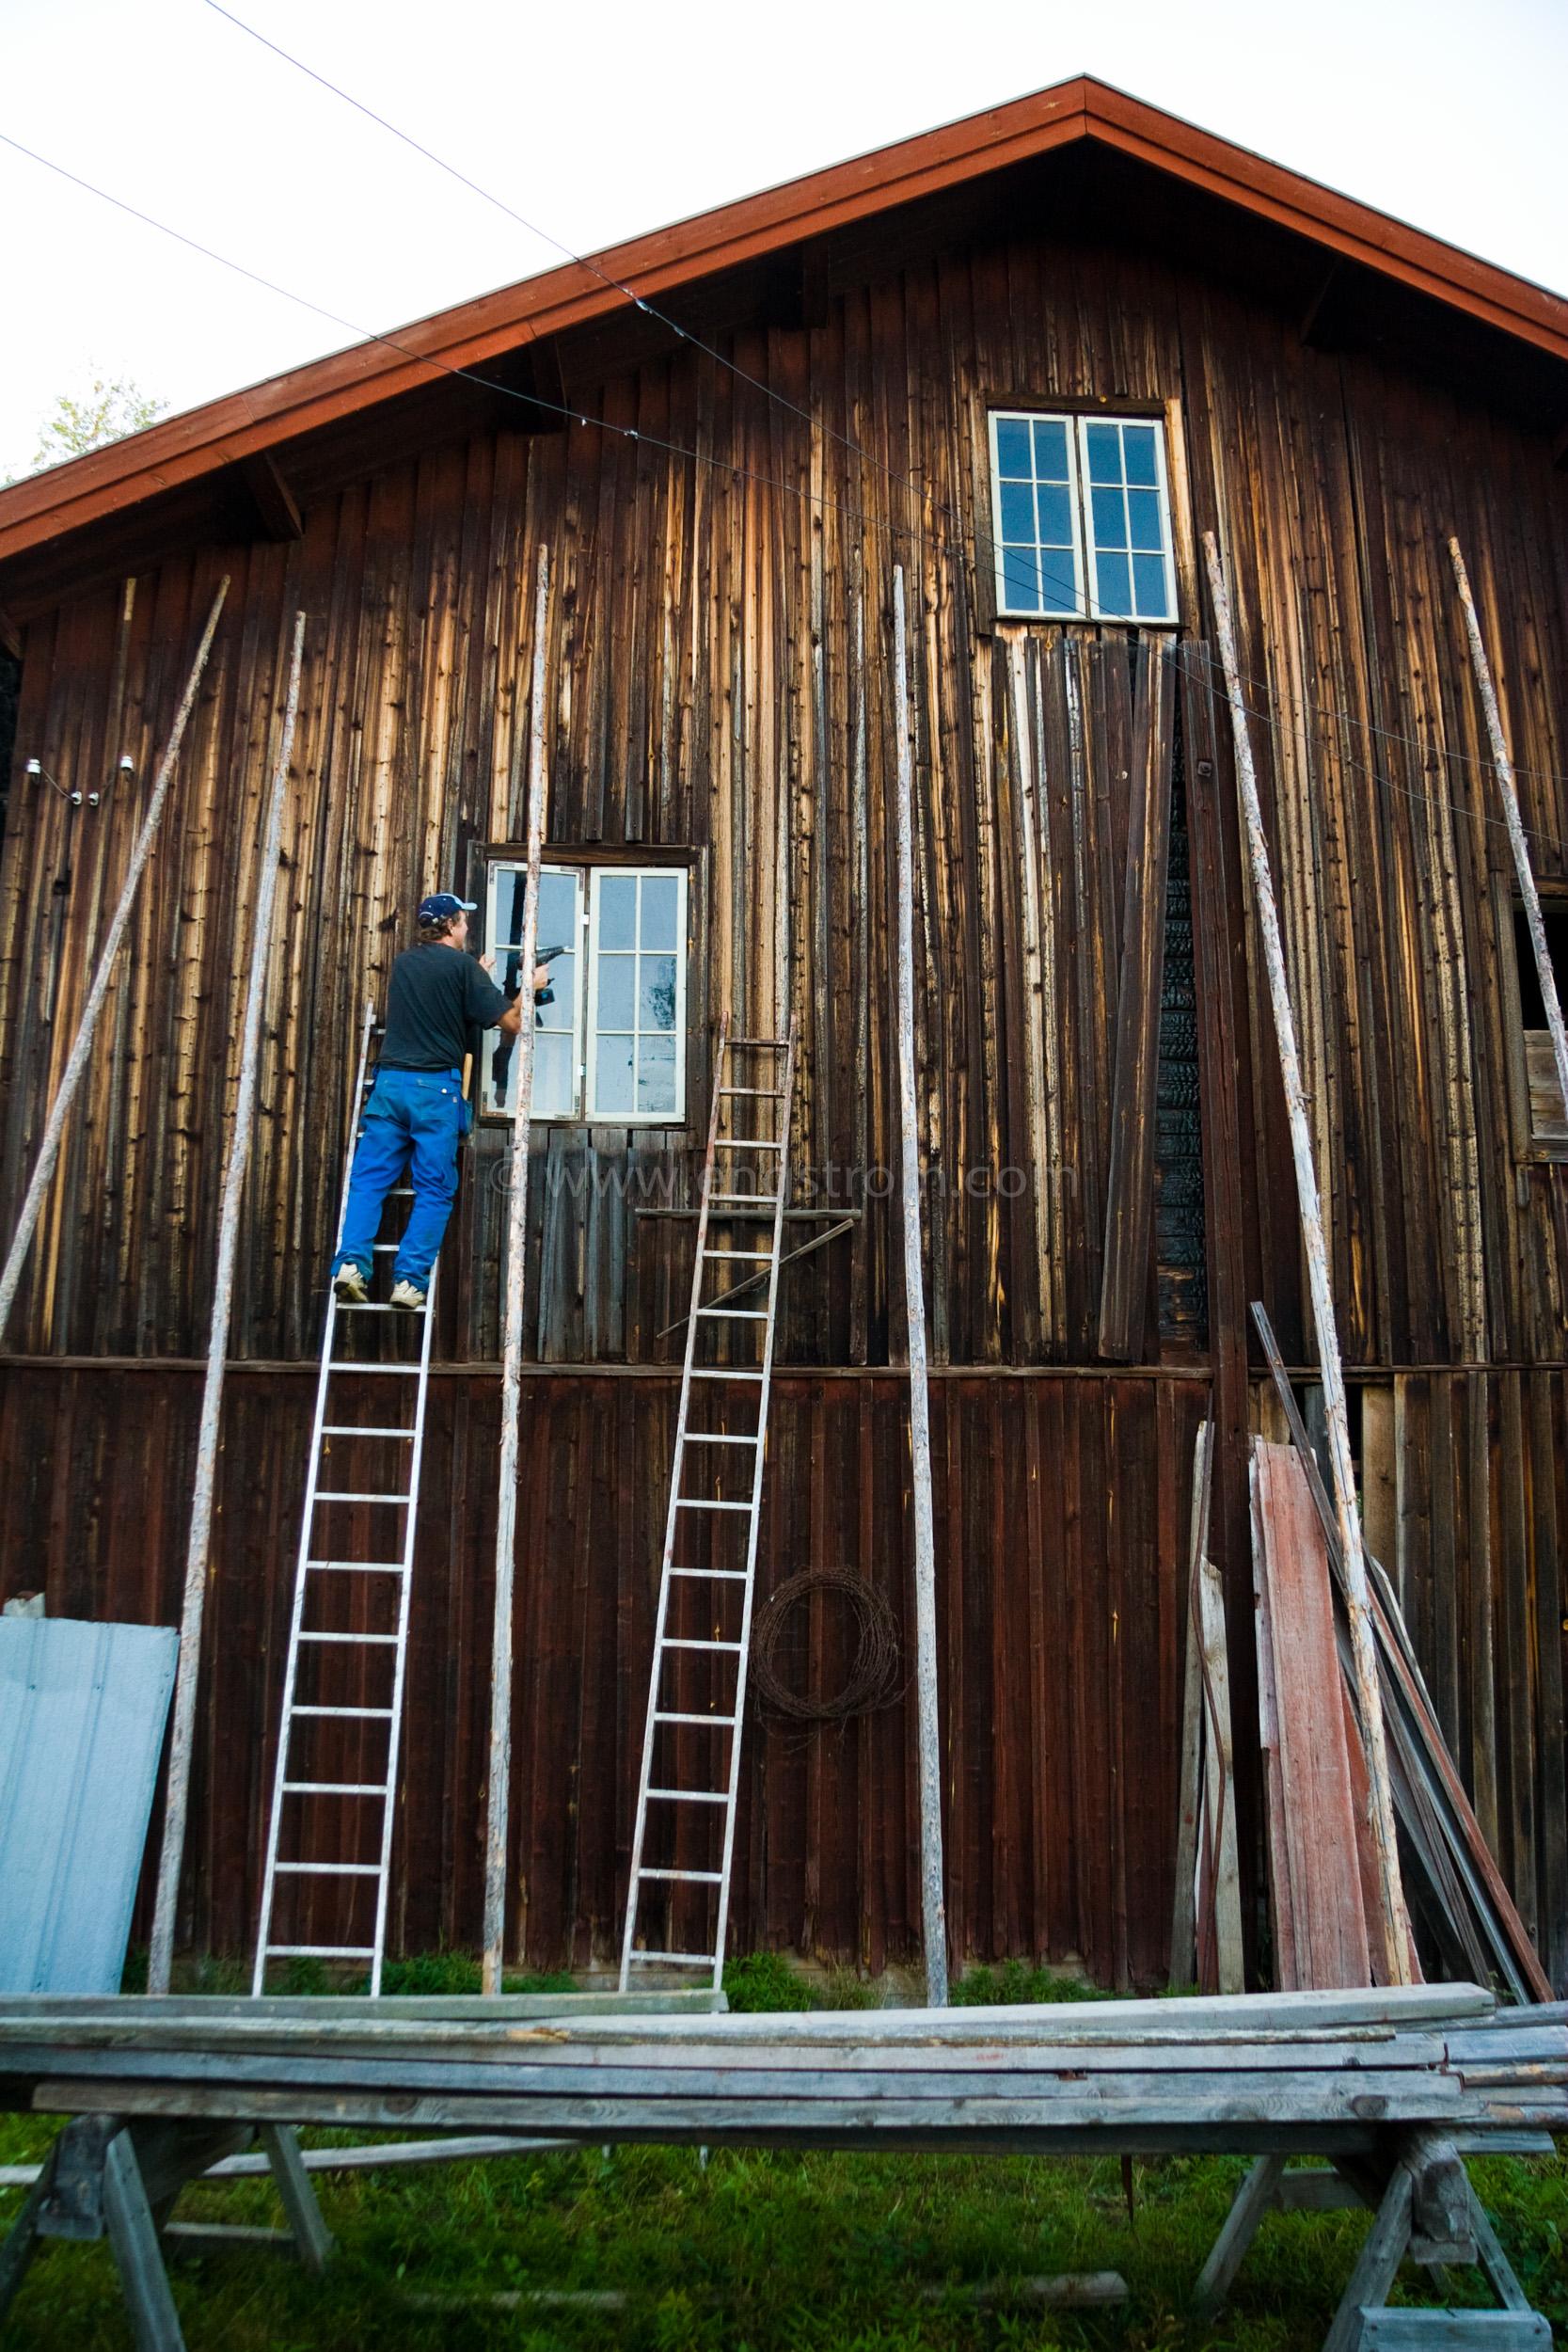 JE_20108, Staffan på stege för att sätta i nya  fönster i kvarnen i Stocksbo., Jonas Engström